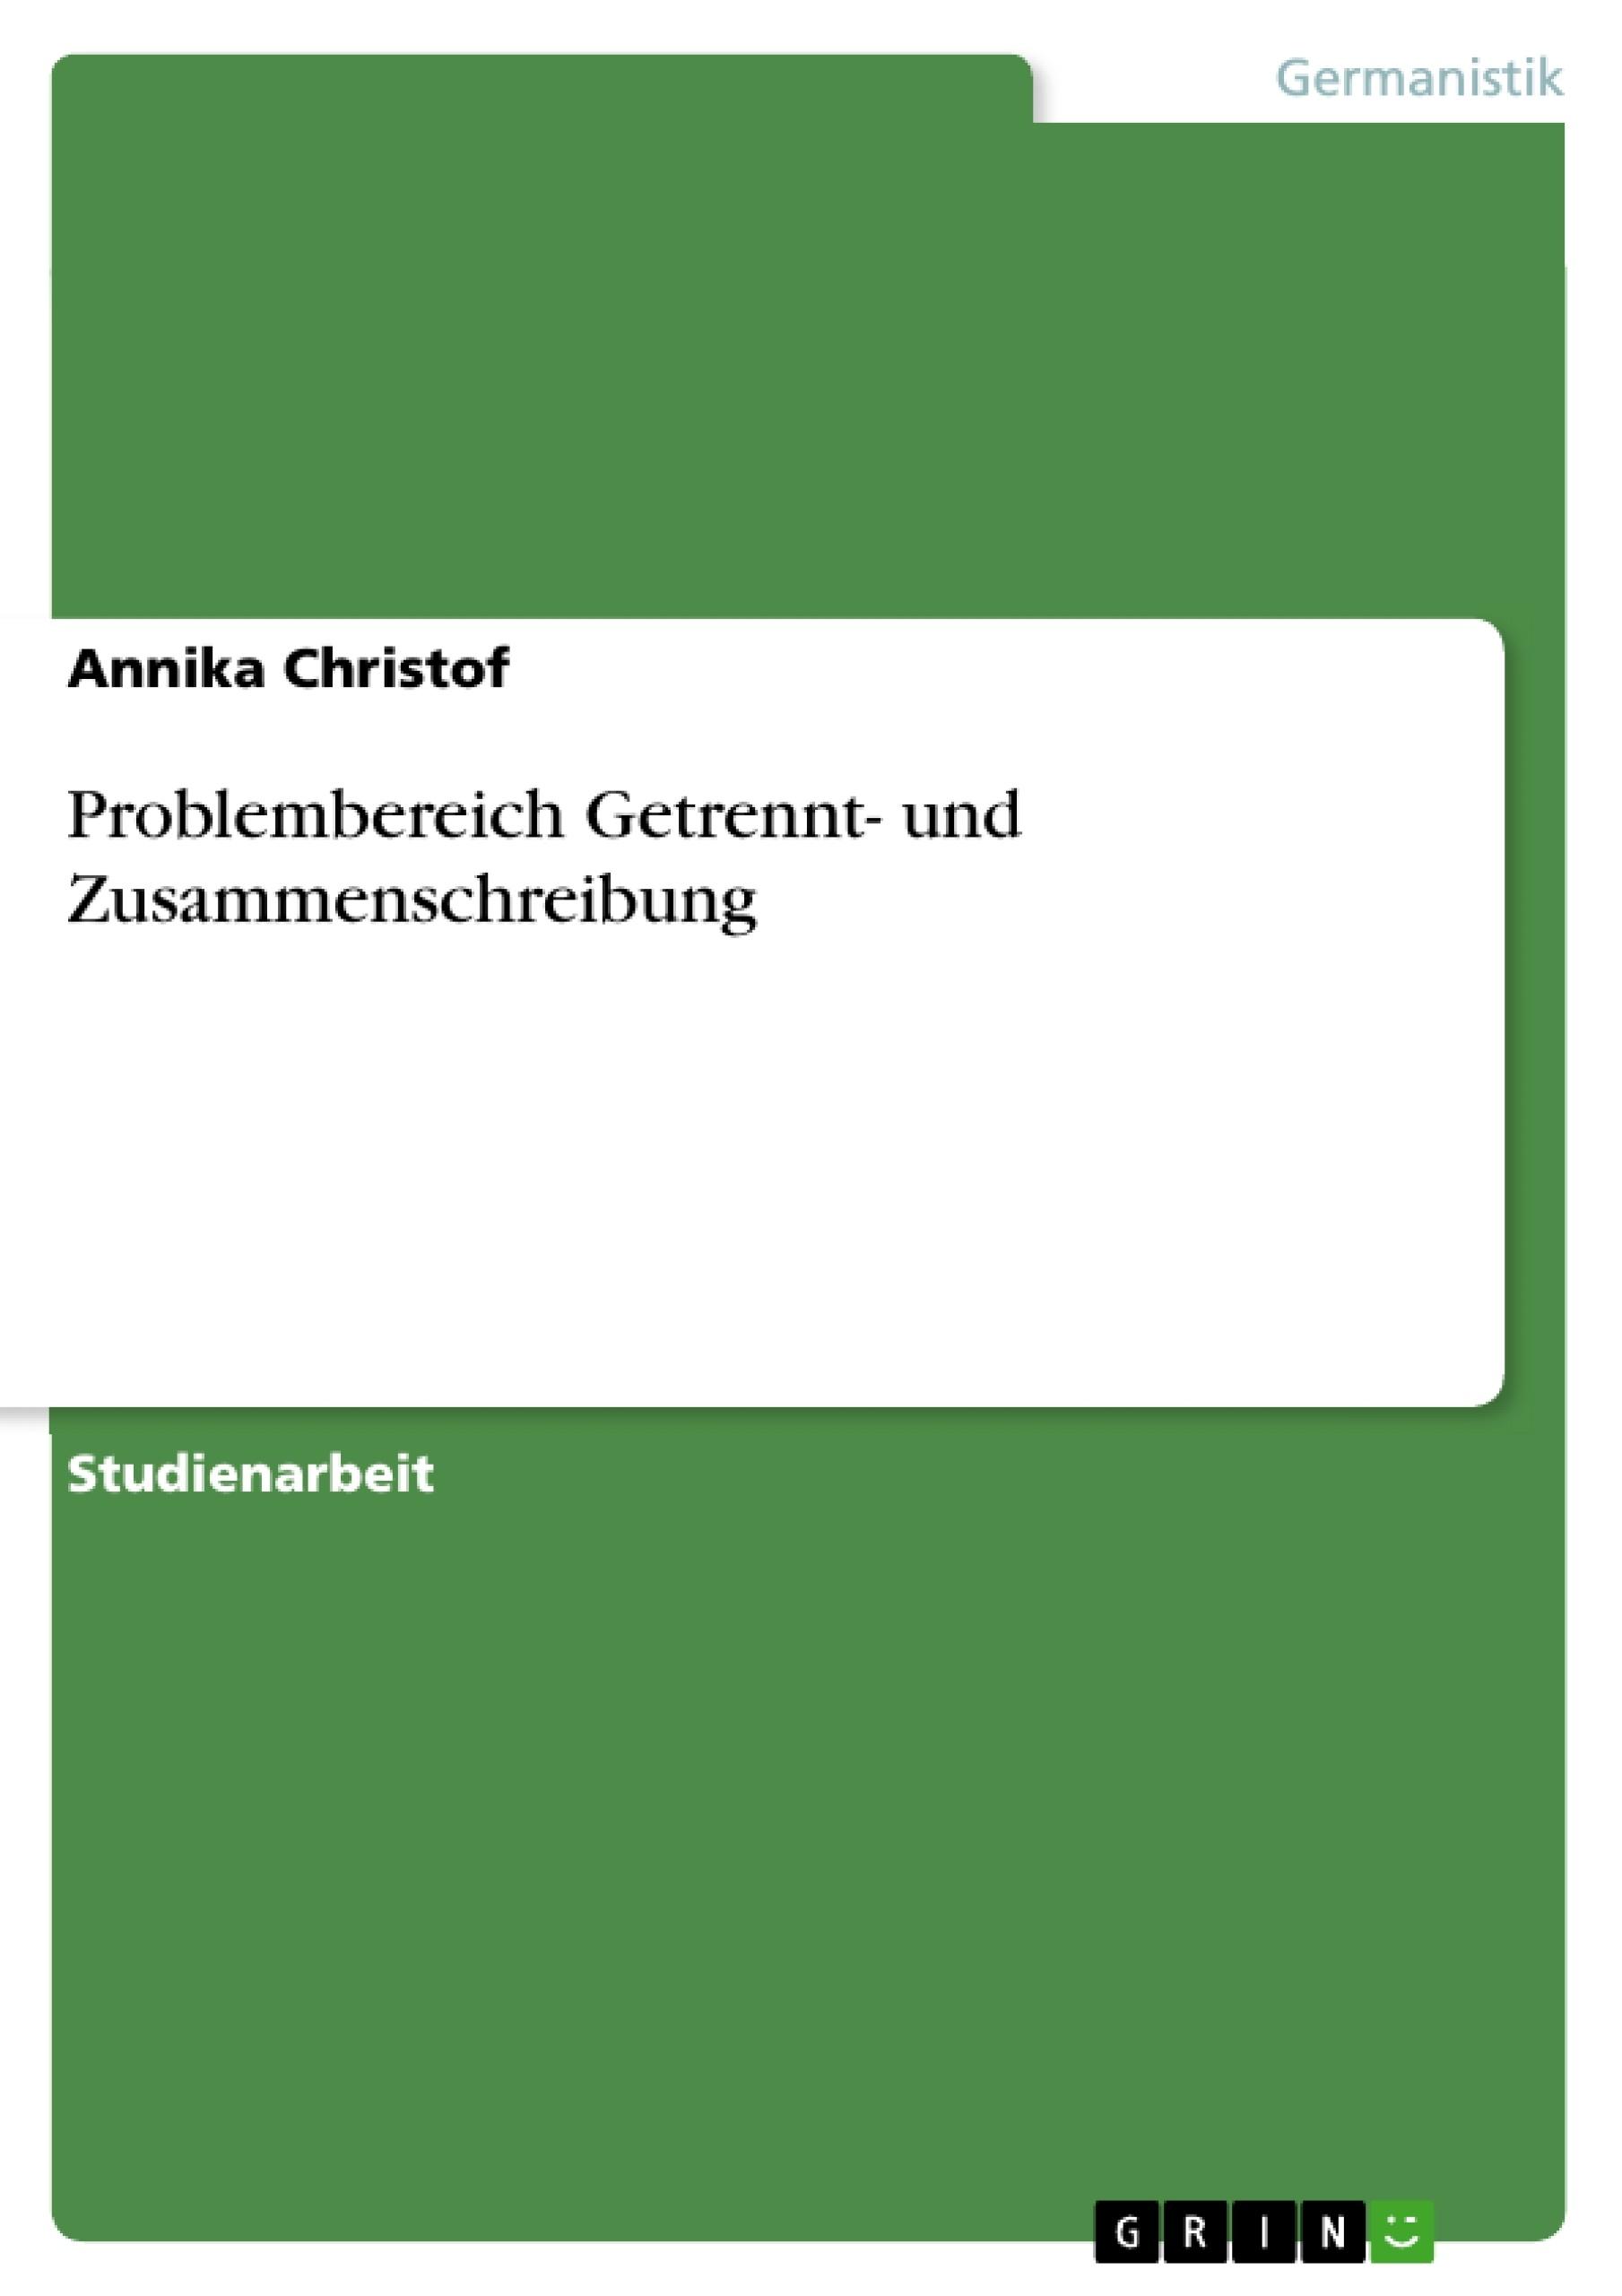 Titel: Problembereich Getrennt- und Zusammenschreibung